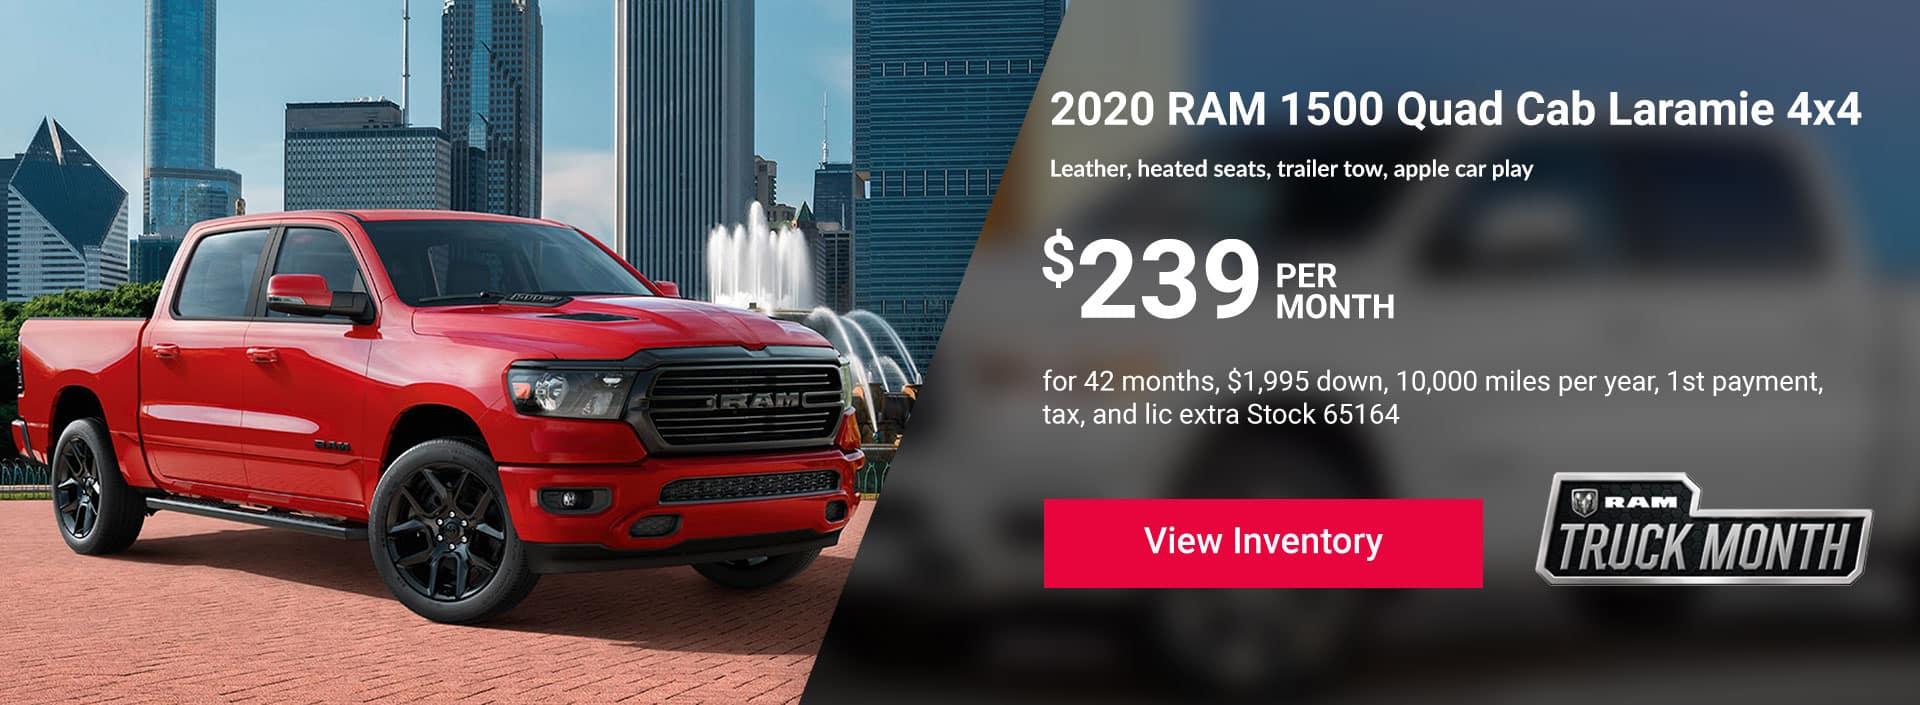 2020 RAM 1500 RAM Quad Cab Laramie